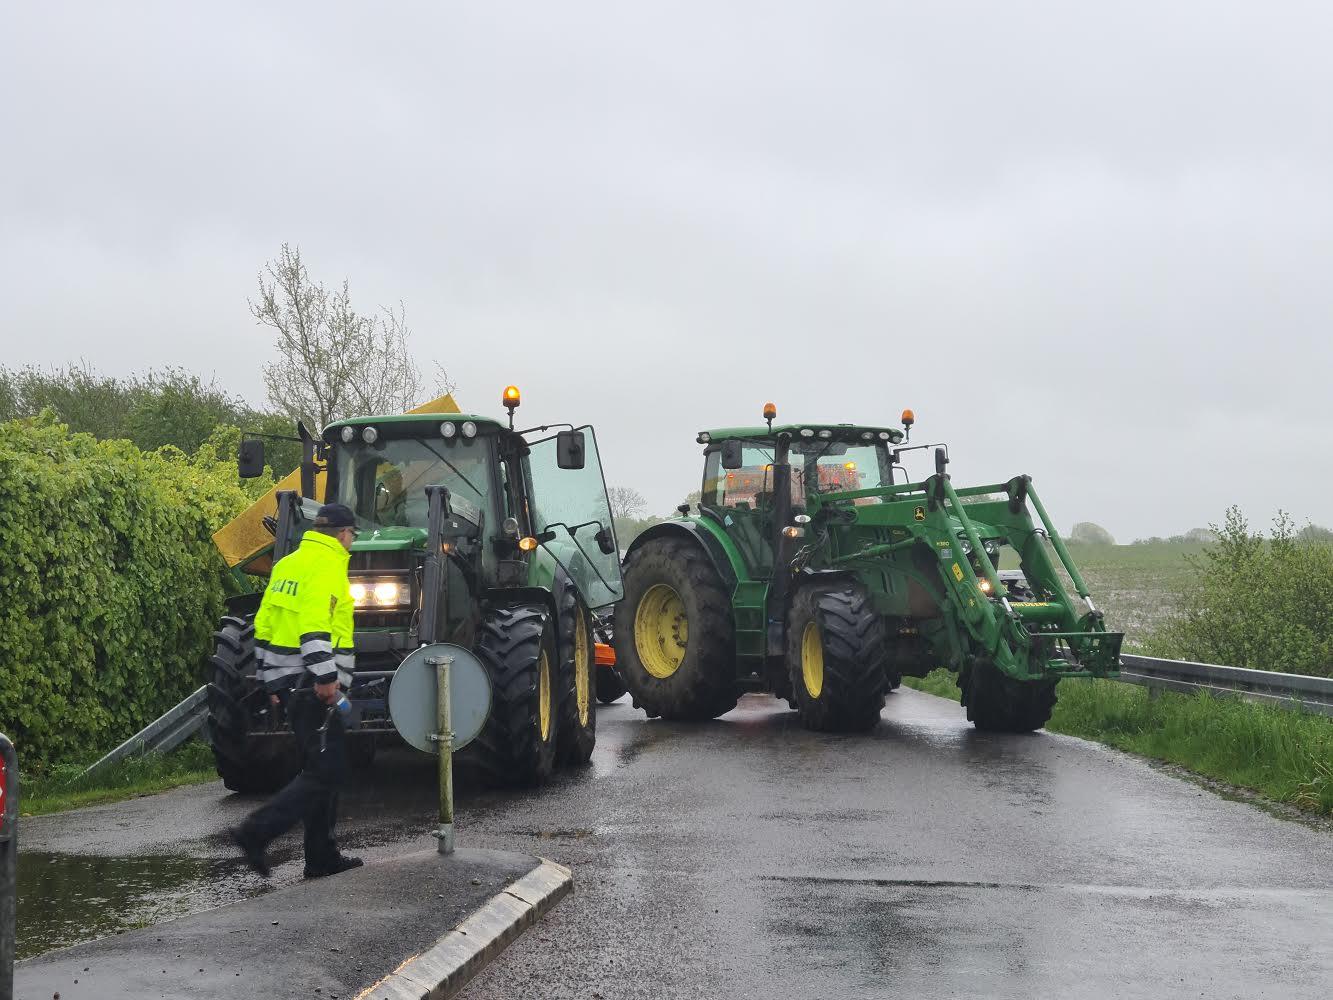 Traktor med grise væltet i grøft - Grisenes skæbne er uvis